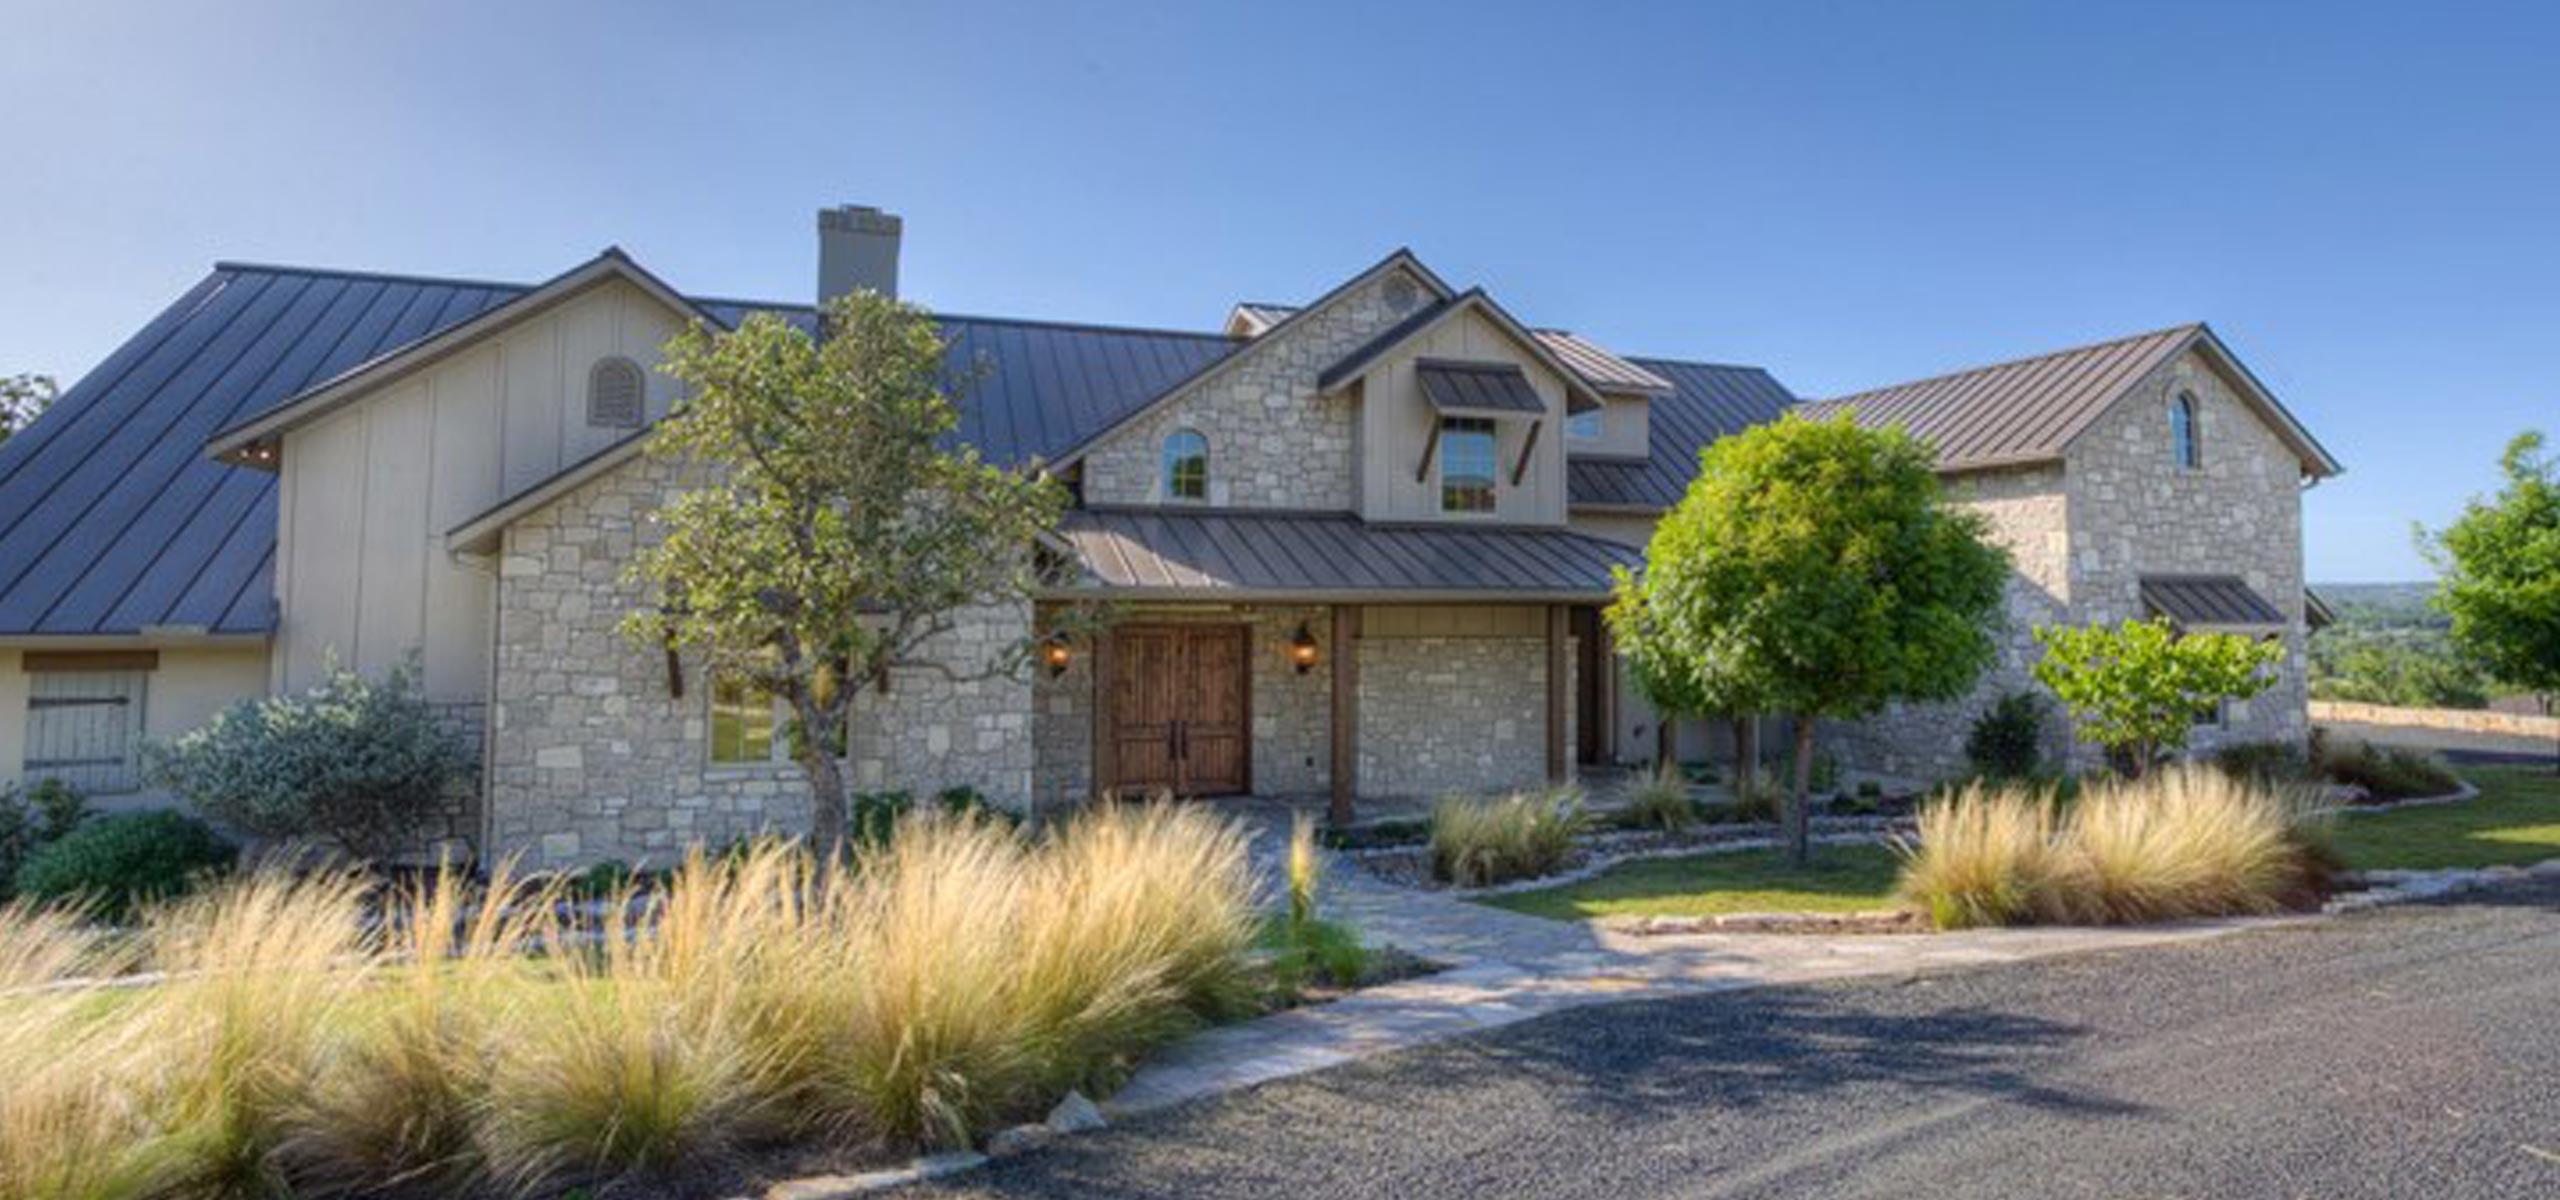 100 Texas Farmhouse Homes Picklo Homes Custom Home